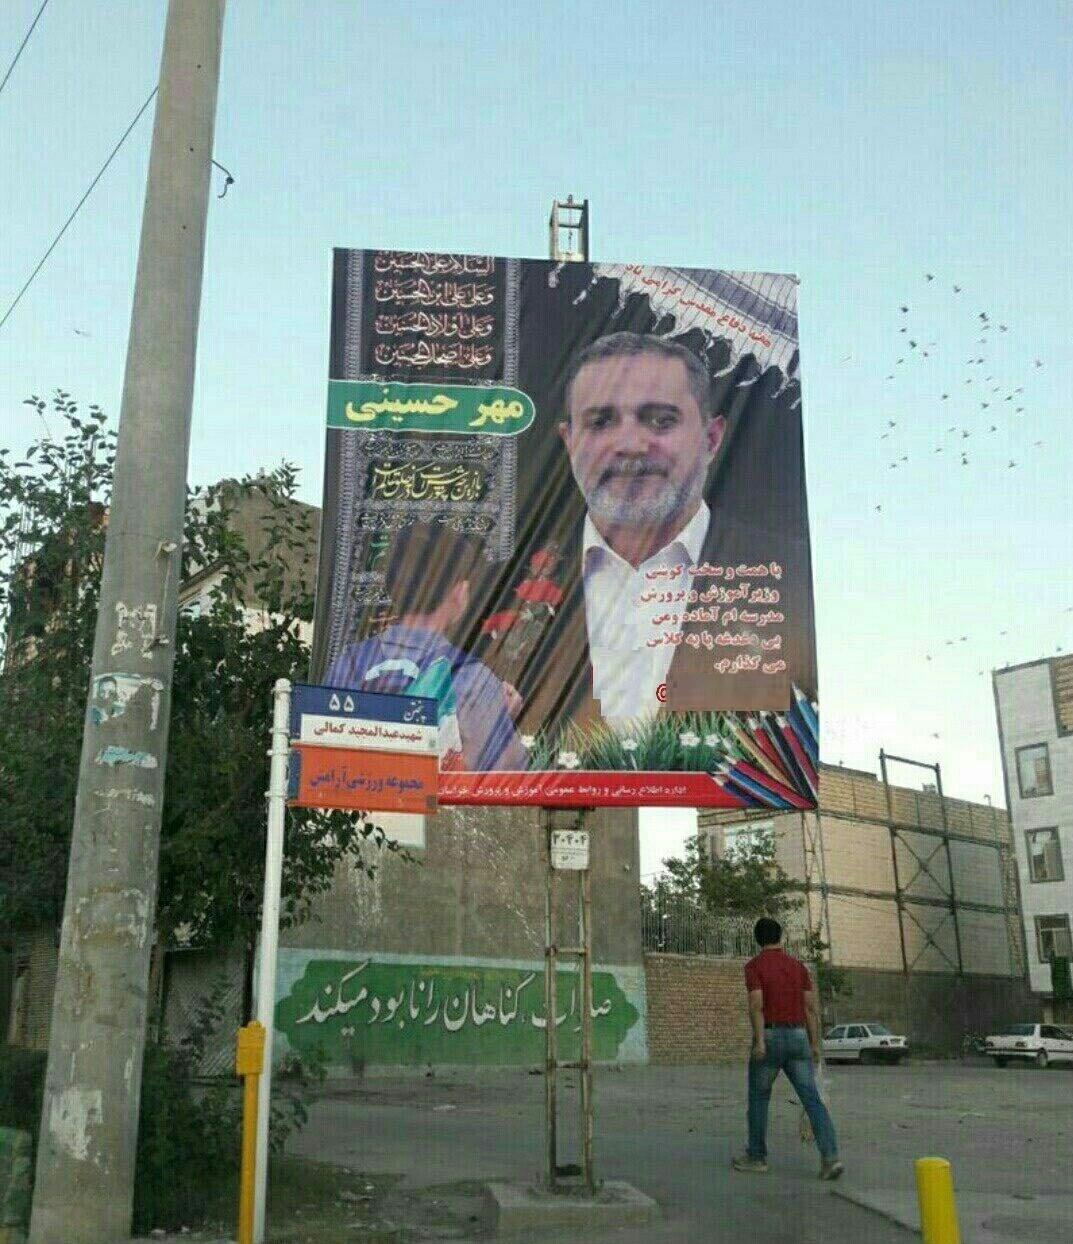 بنرهای عجیب آموزش و پرورش در مشهد